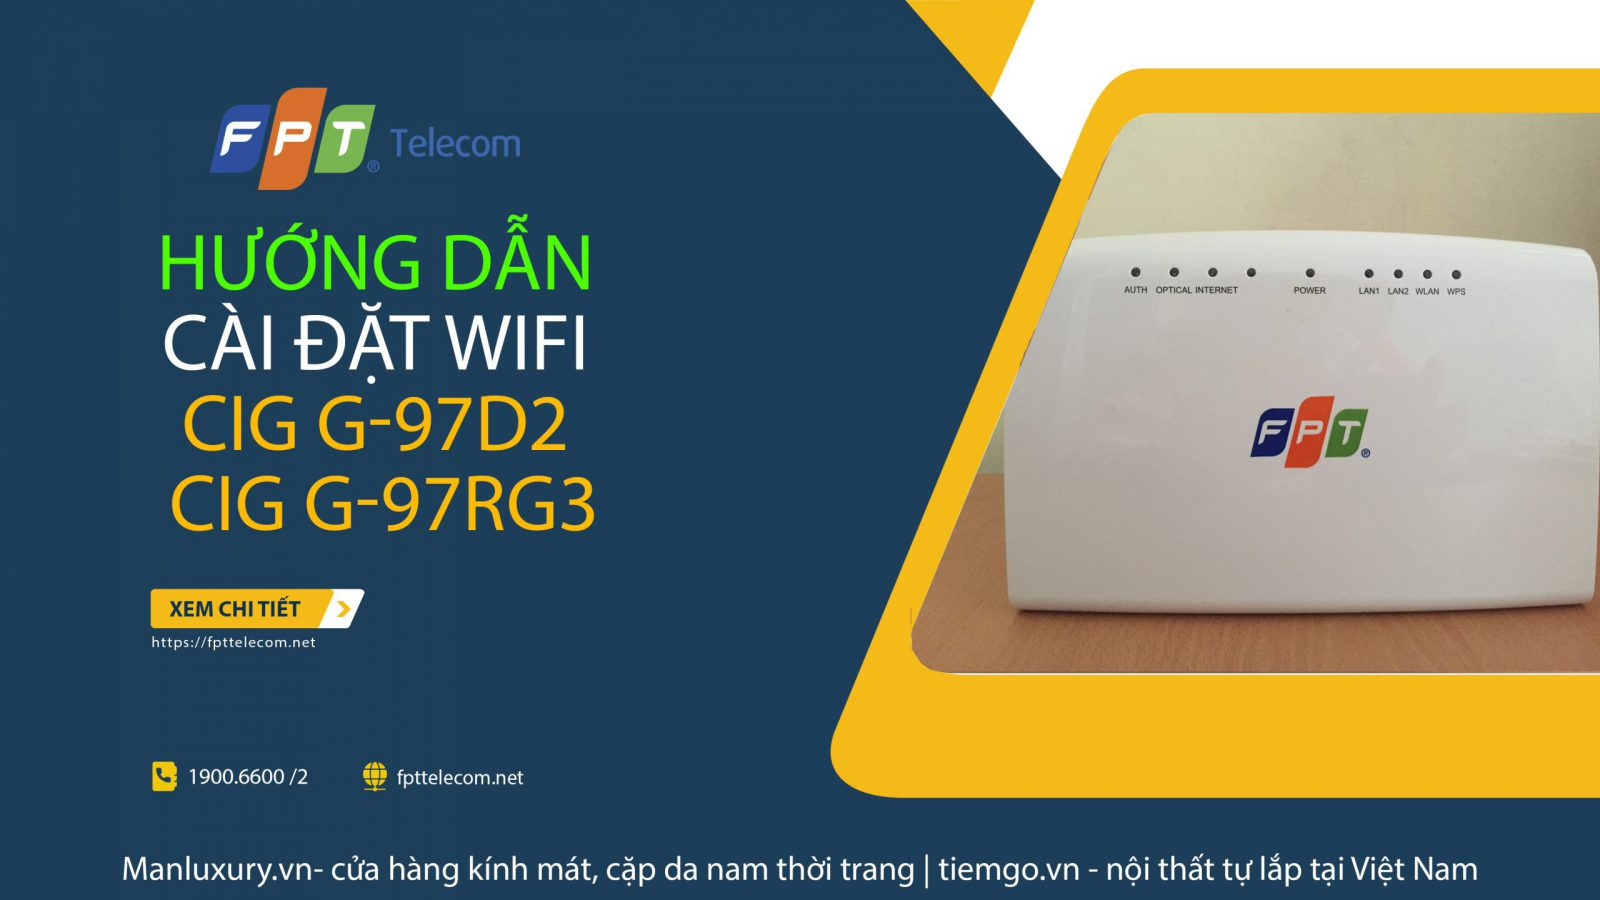 Hướng dẫn cài đặtWifi modem CIG G-97D2/ G-97RG3